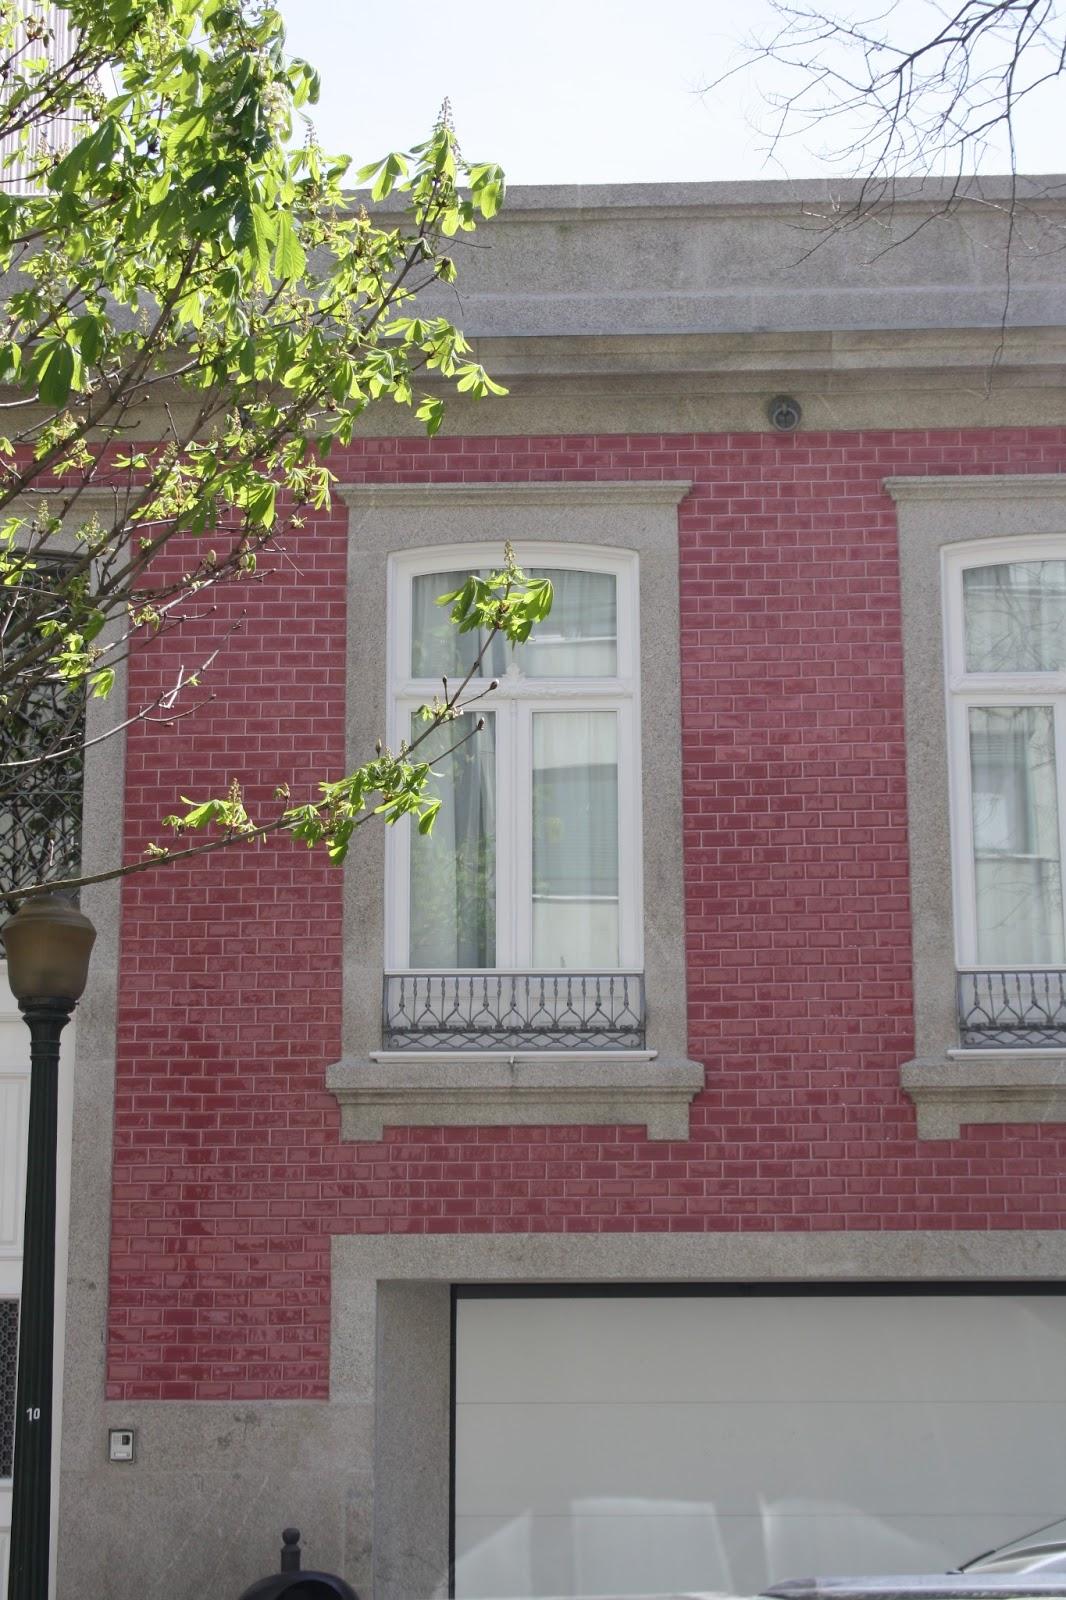 Atelier joaquim pombal r plicas e restauros de azulejos - Azulejos para fachadas ...